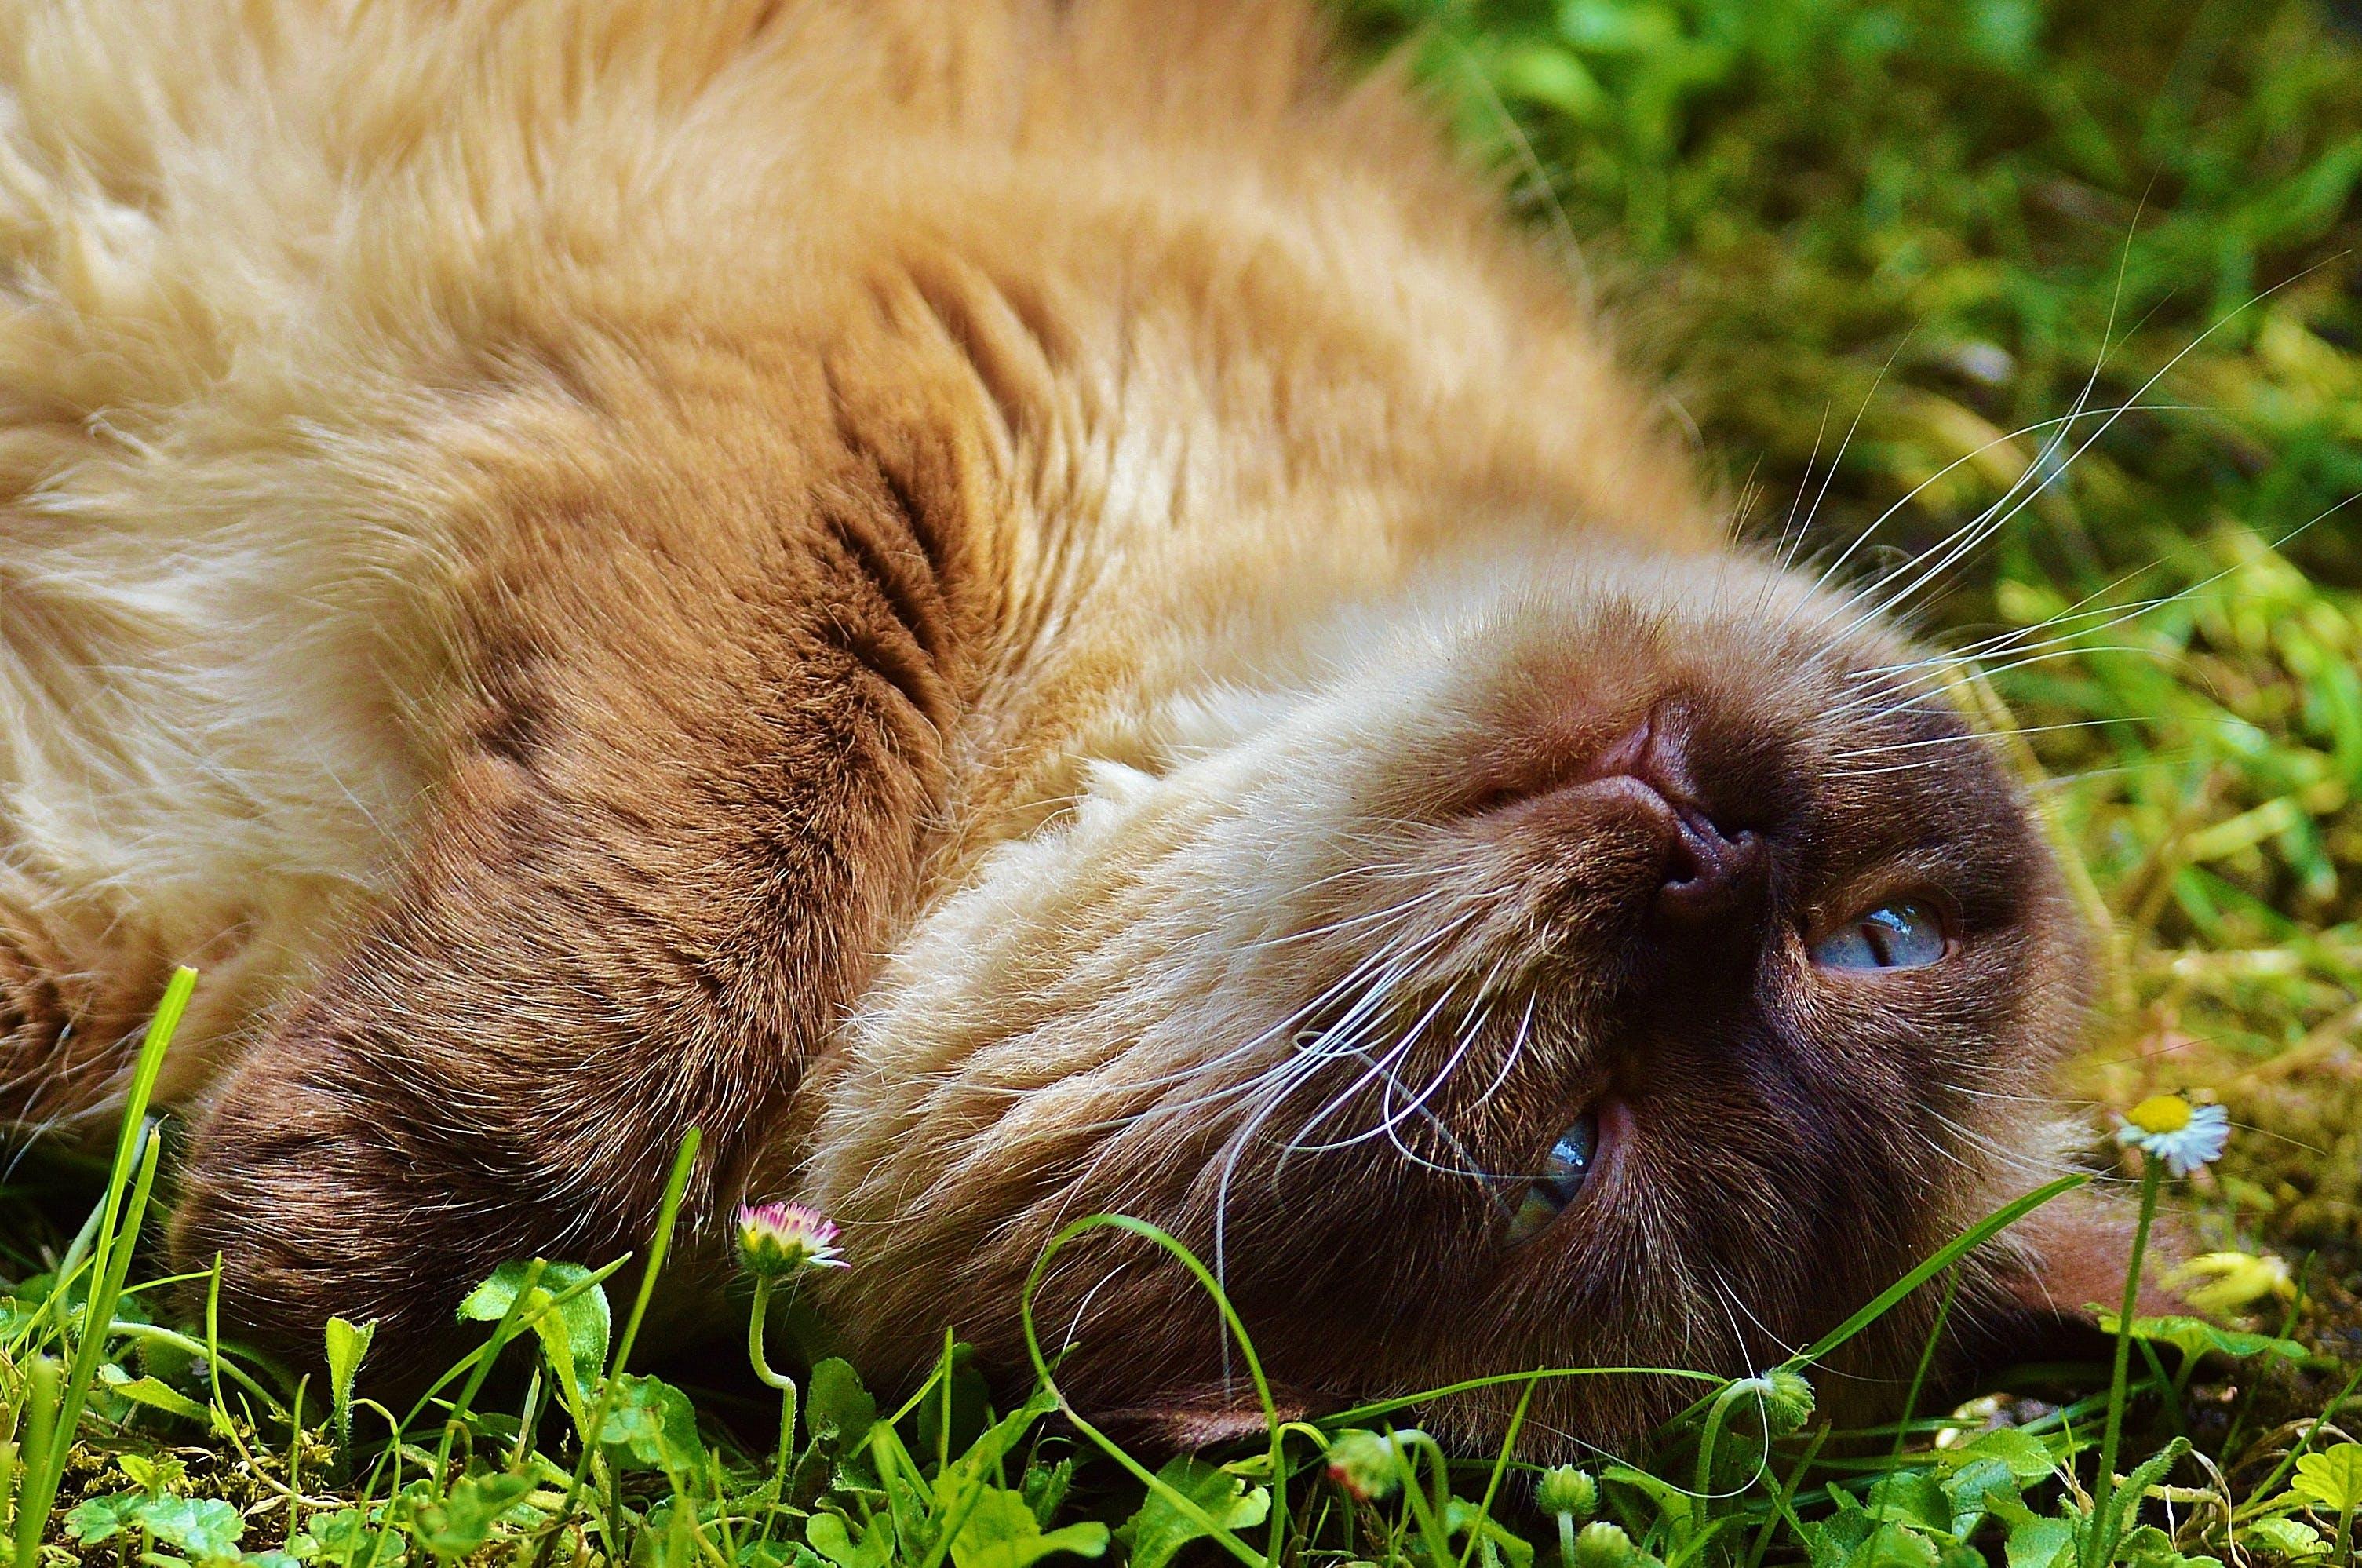 Základová fotografie zdarma na téma domácí mazlíček, kočka, kočkovití, kožešina